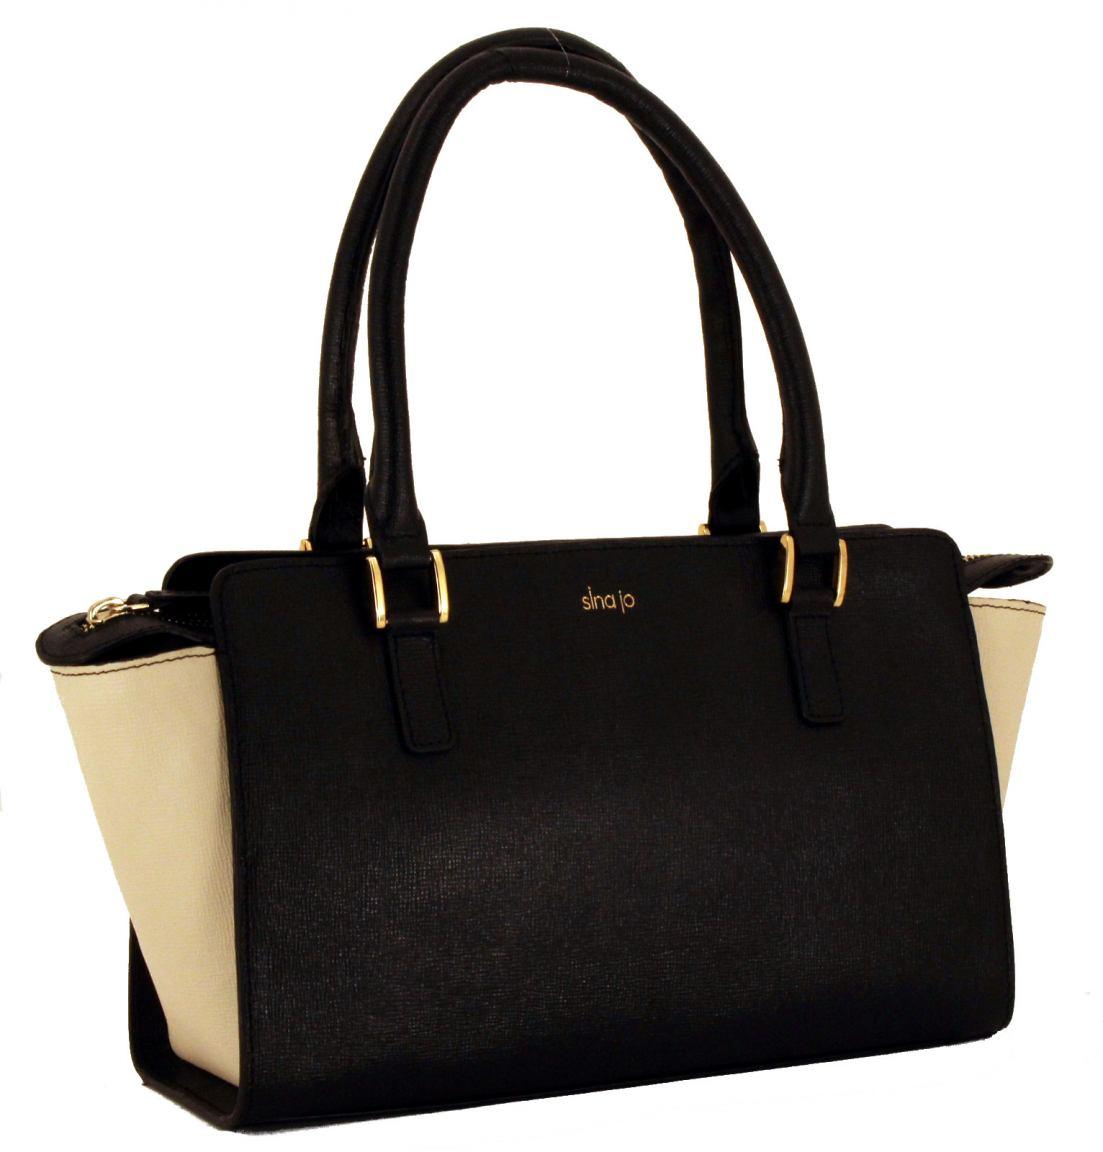 henkeltasche sina jo leder schwarz ice 70112 bags more. Black Bedroom Furniture Sets. Home Design Ideas